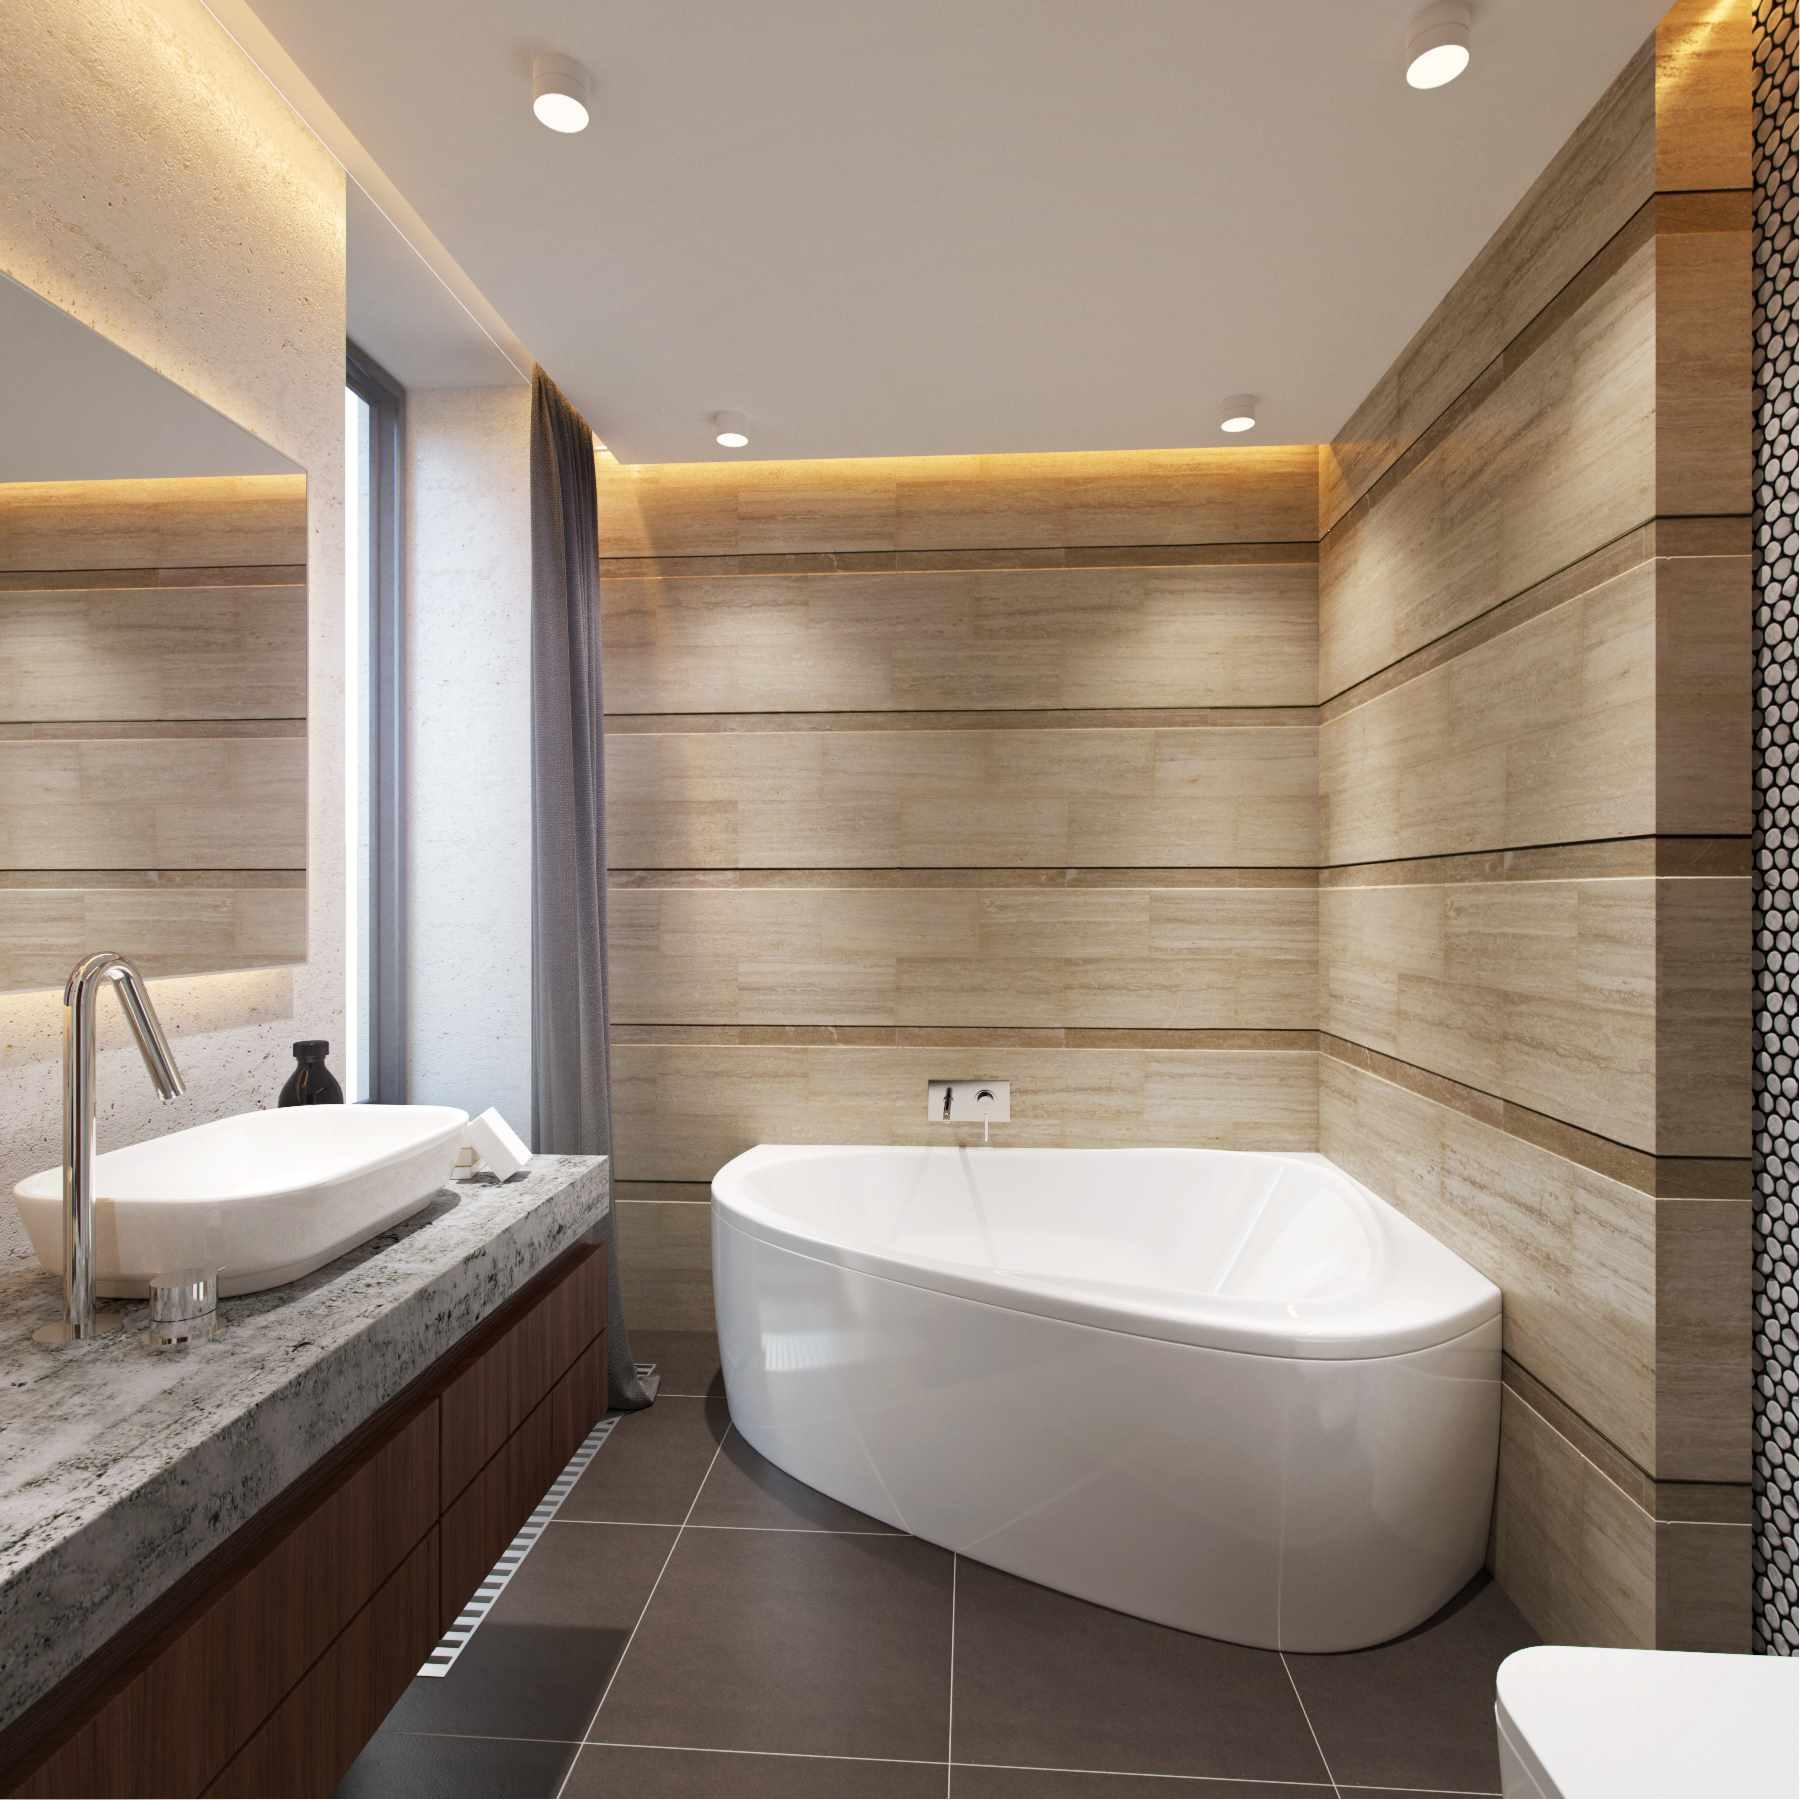 пример светлого дизайна ванной комнаты с угловой ванной